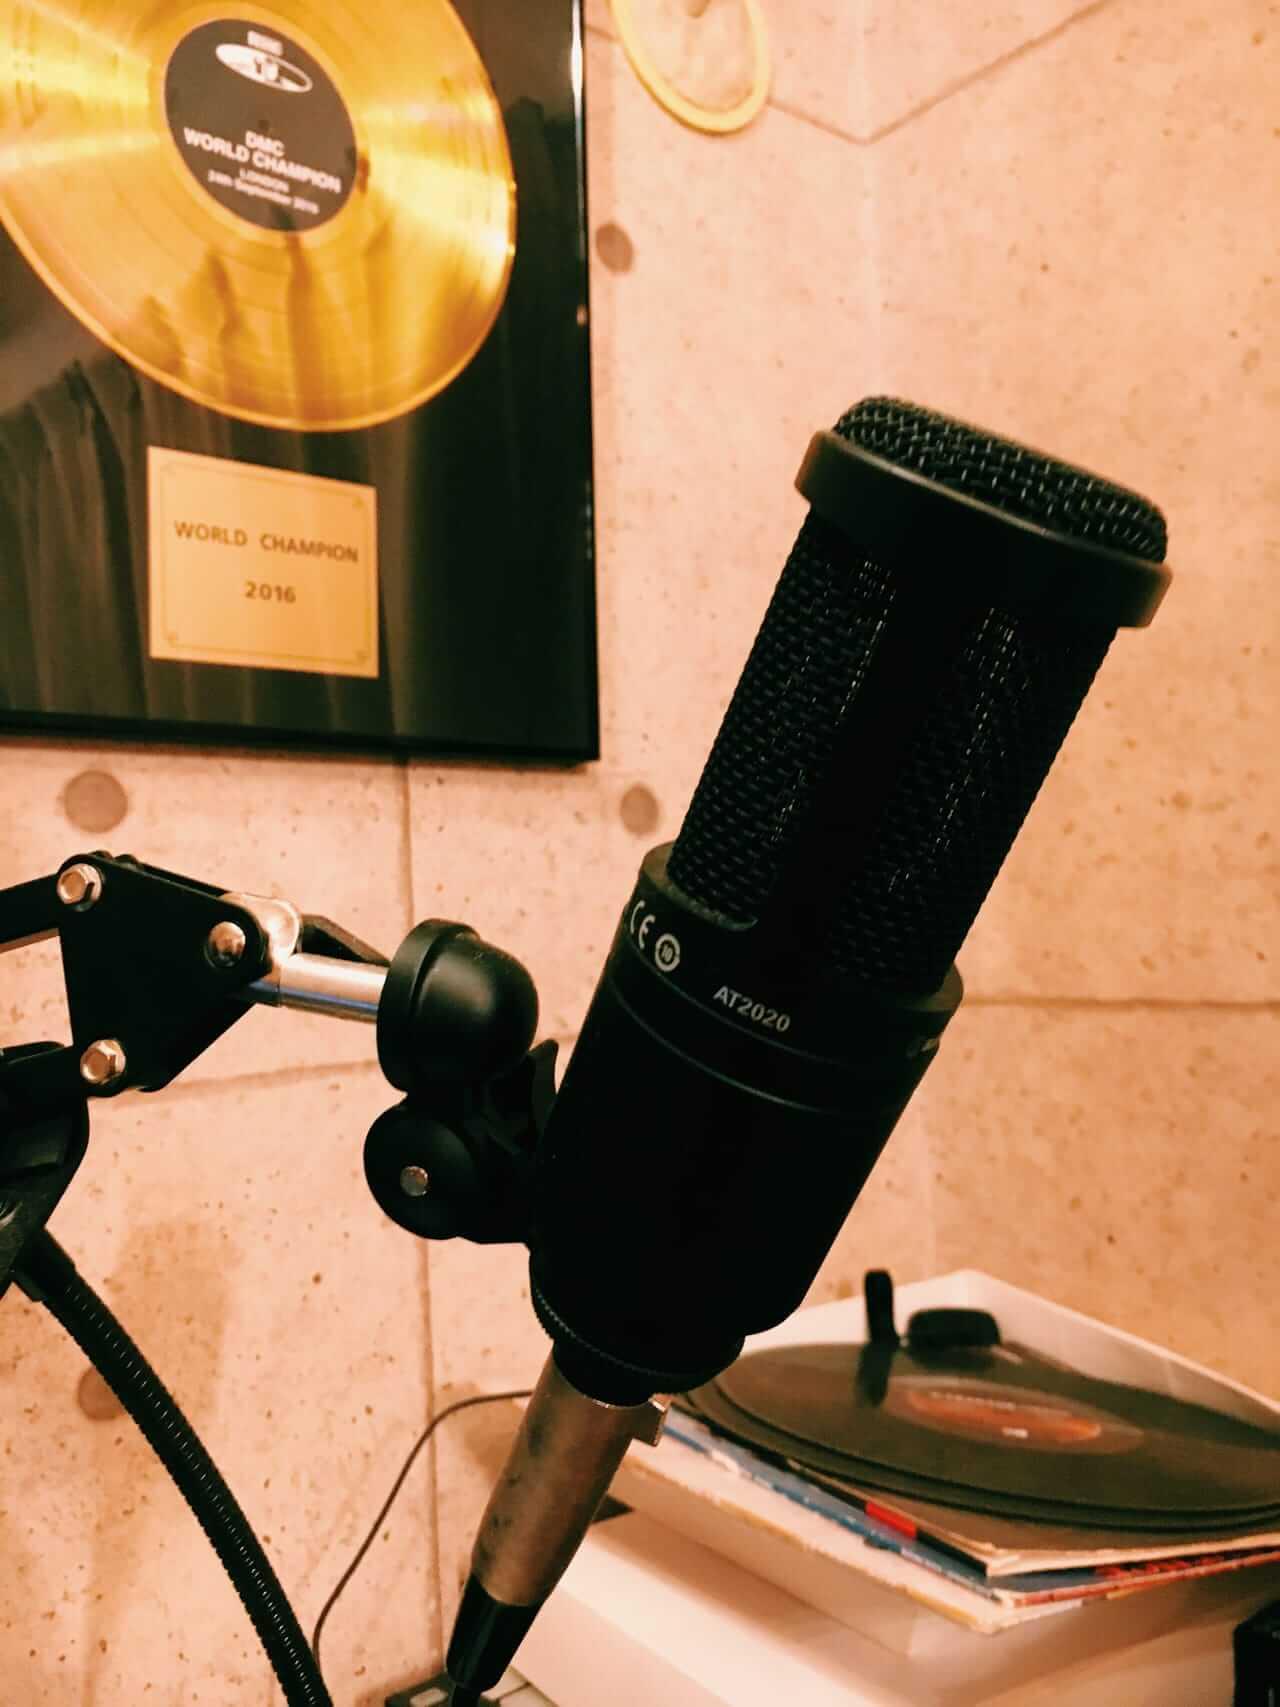 YUTO インタビュー | DMC世界チャンピオンのキャリアを持ち、注目楽曲を次々に生み出す新鋭DJ/Producerのバックグラウンドと制作環境とは【IYOW 】